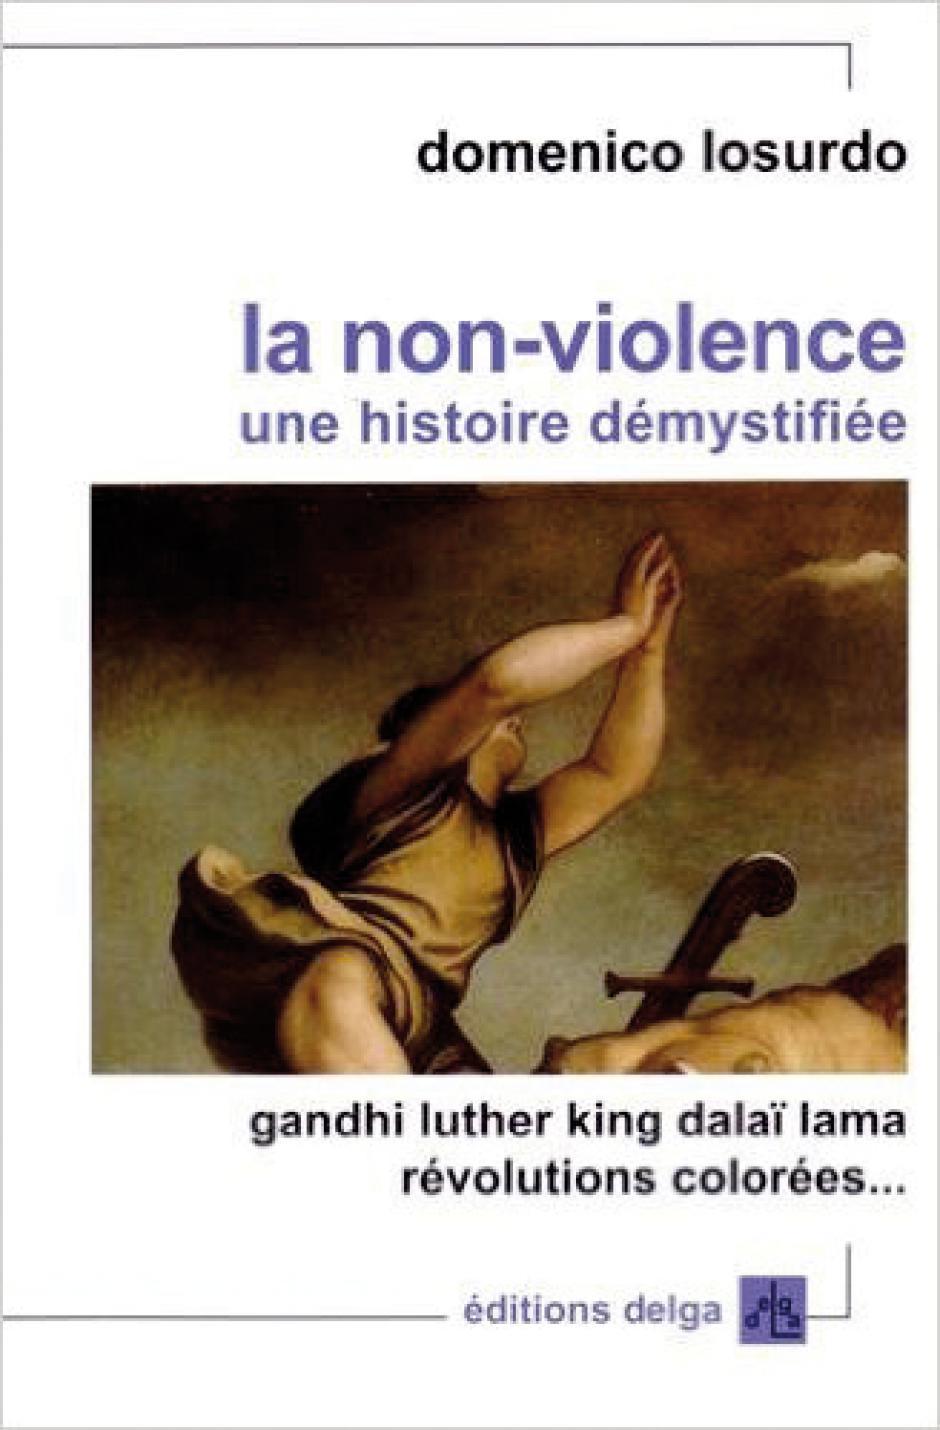 La non-violence, une histoire démystifiée, Domenico Losurdo